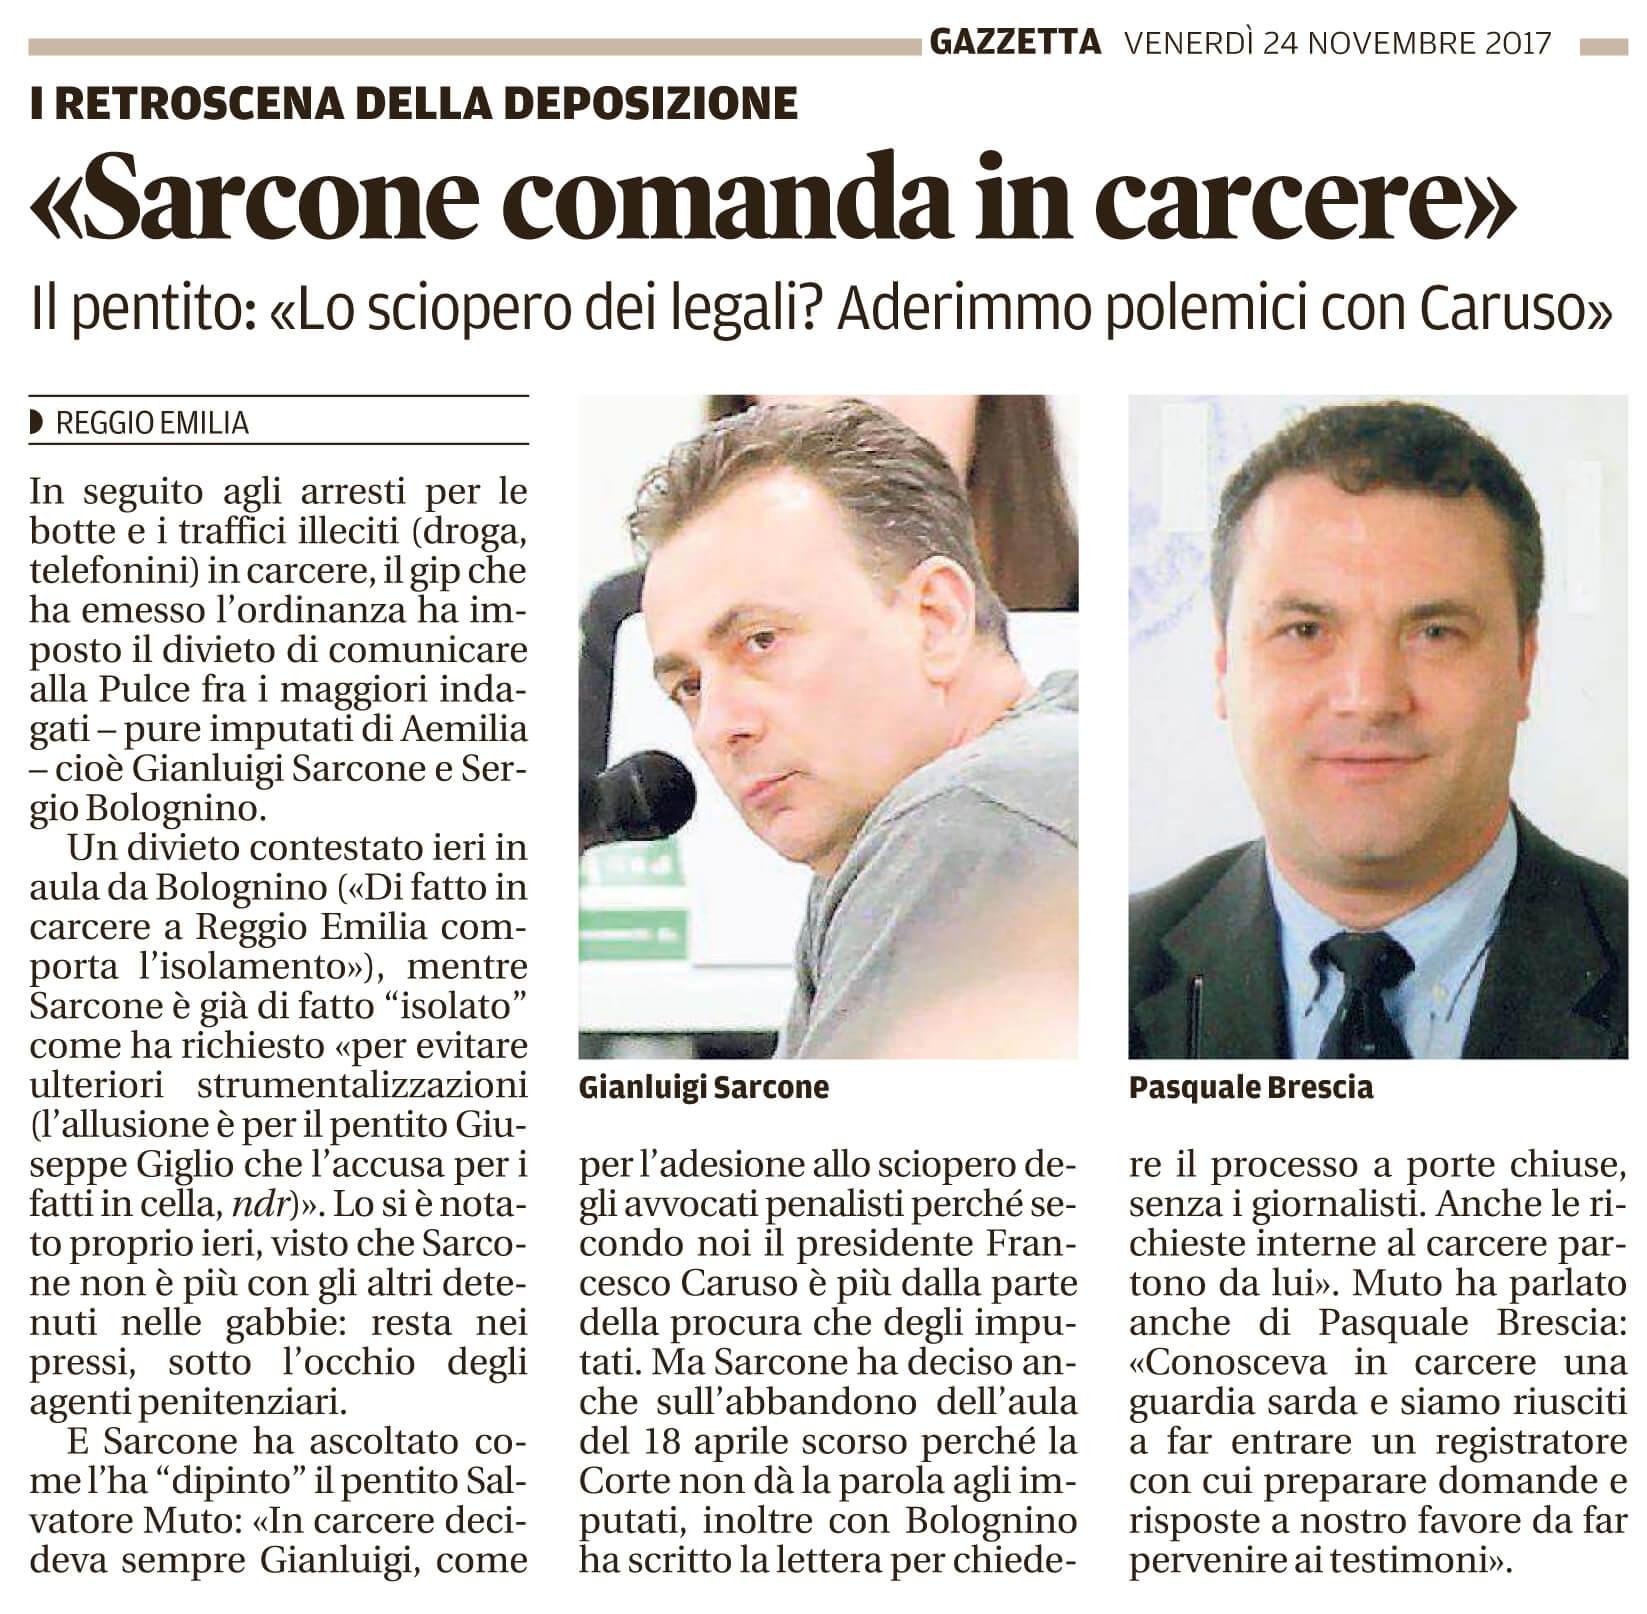 Sarcone comanda in carcere